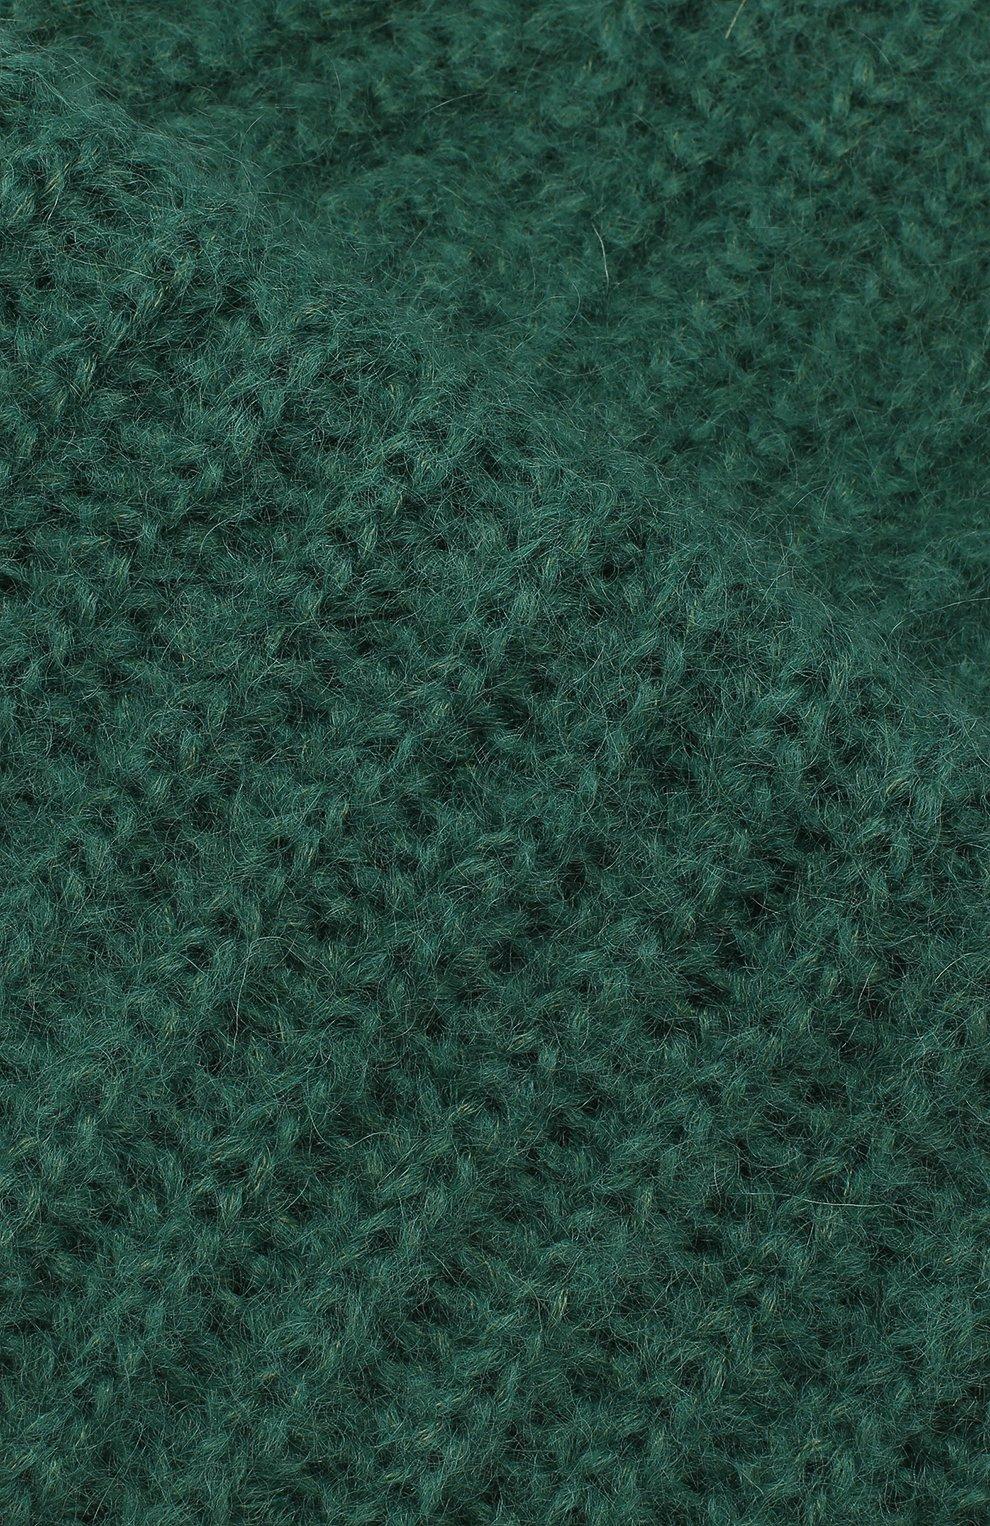 Женская шапка TAK.ORI зеленого цвета, арт. AC043MW018PF17 | Фото 3 (Материал: Текстиль, Шерсть, Синтетический материал; Статус проверки: Проверено, Проверена категория)